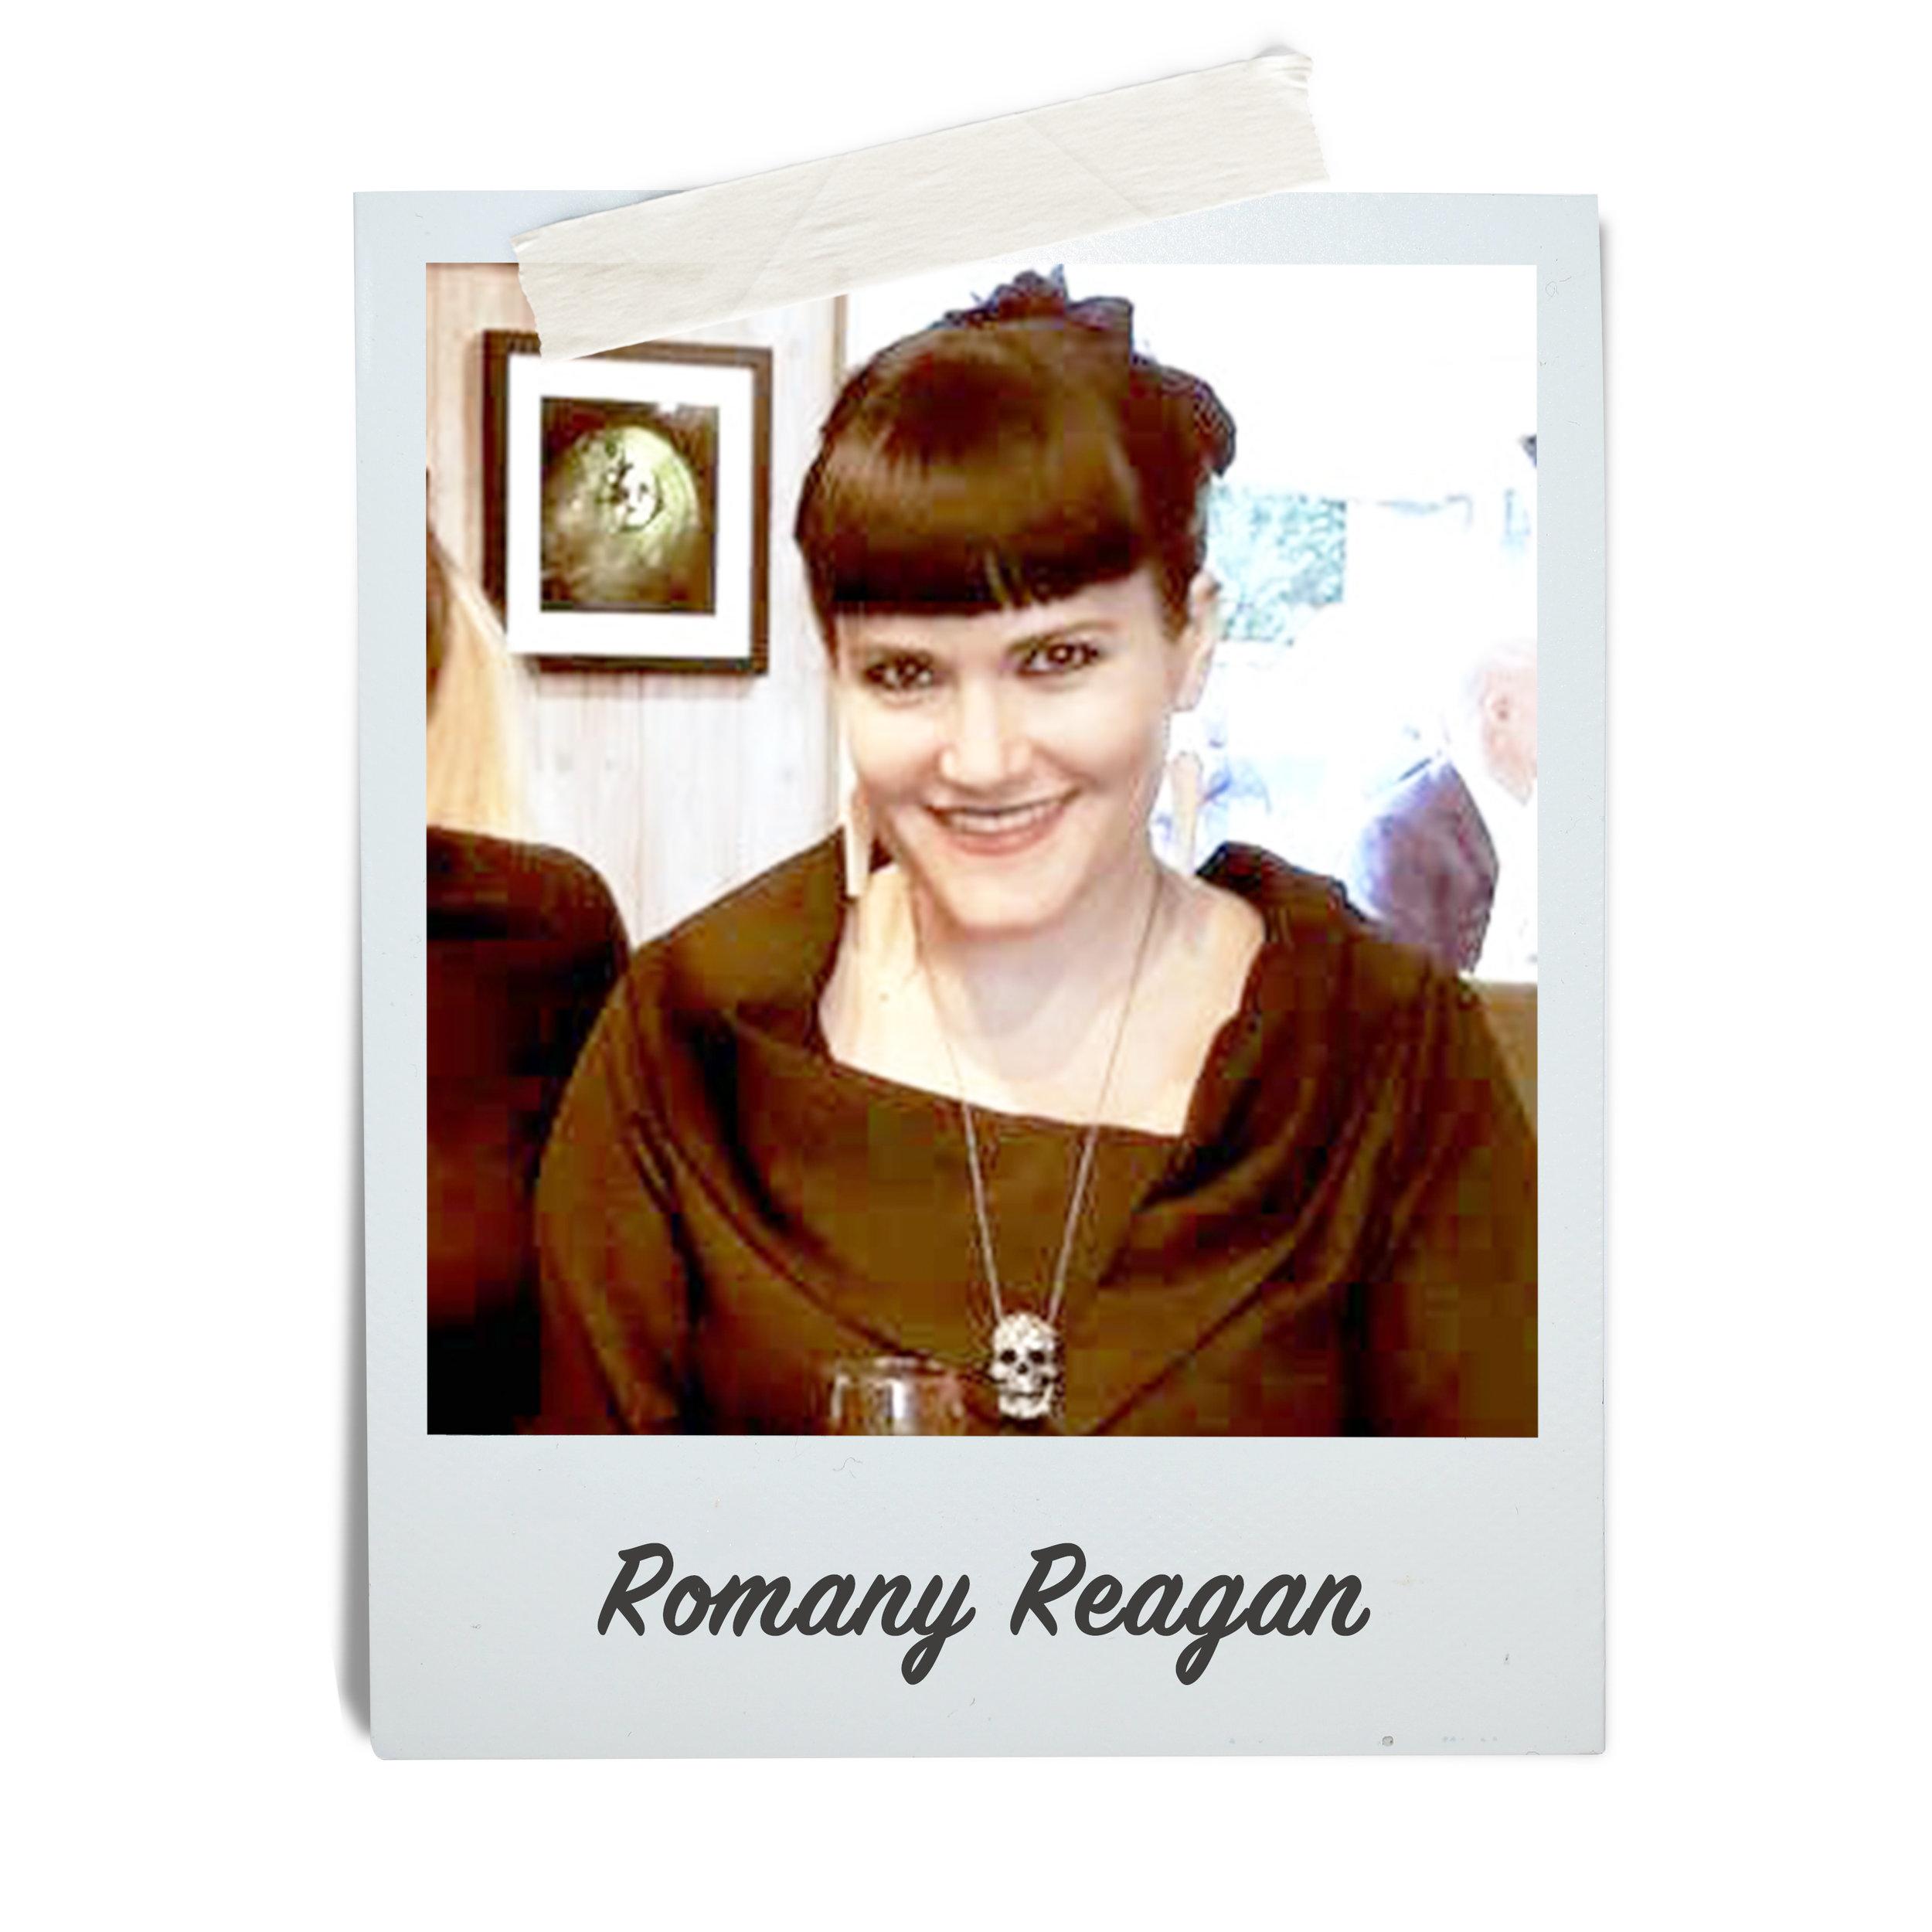 Dr Romany Reagan